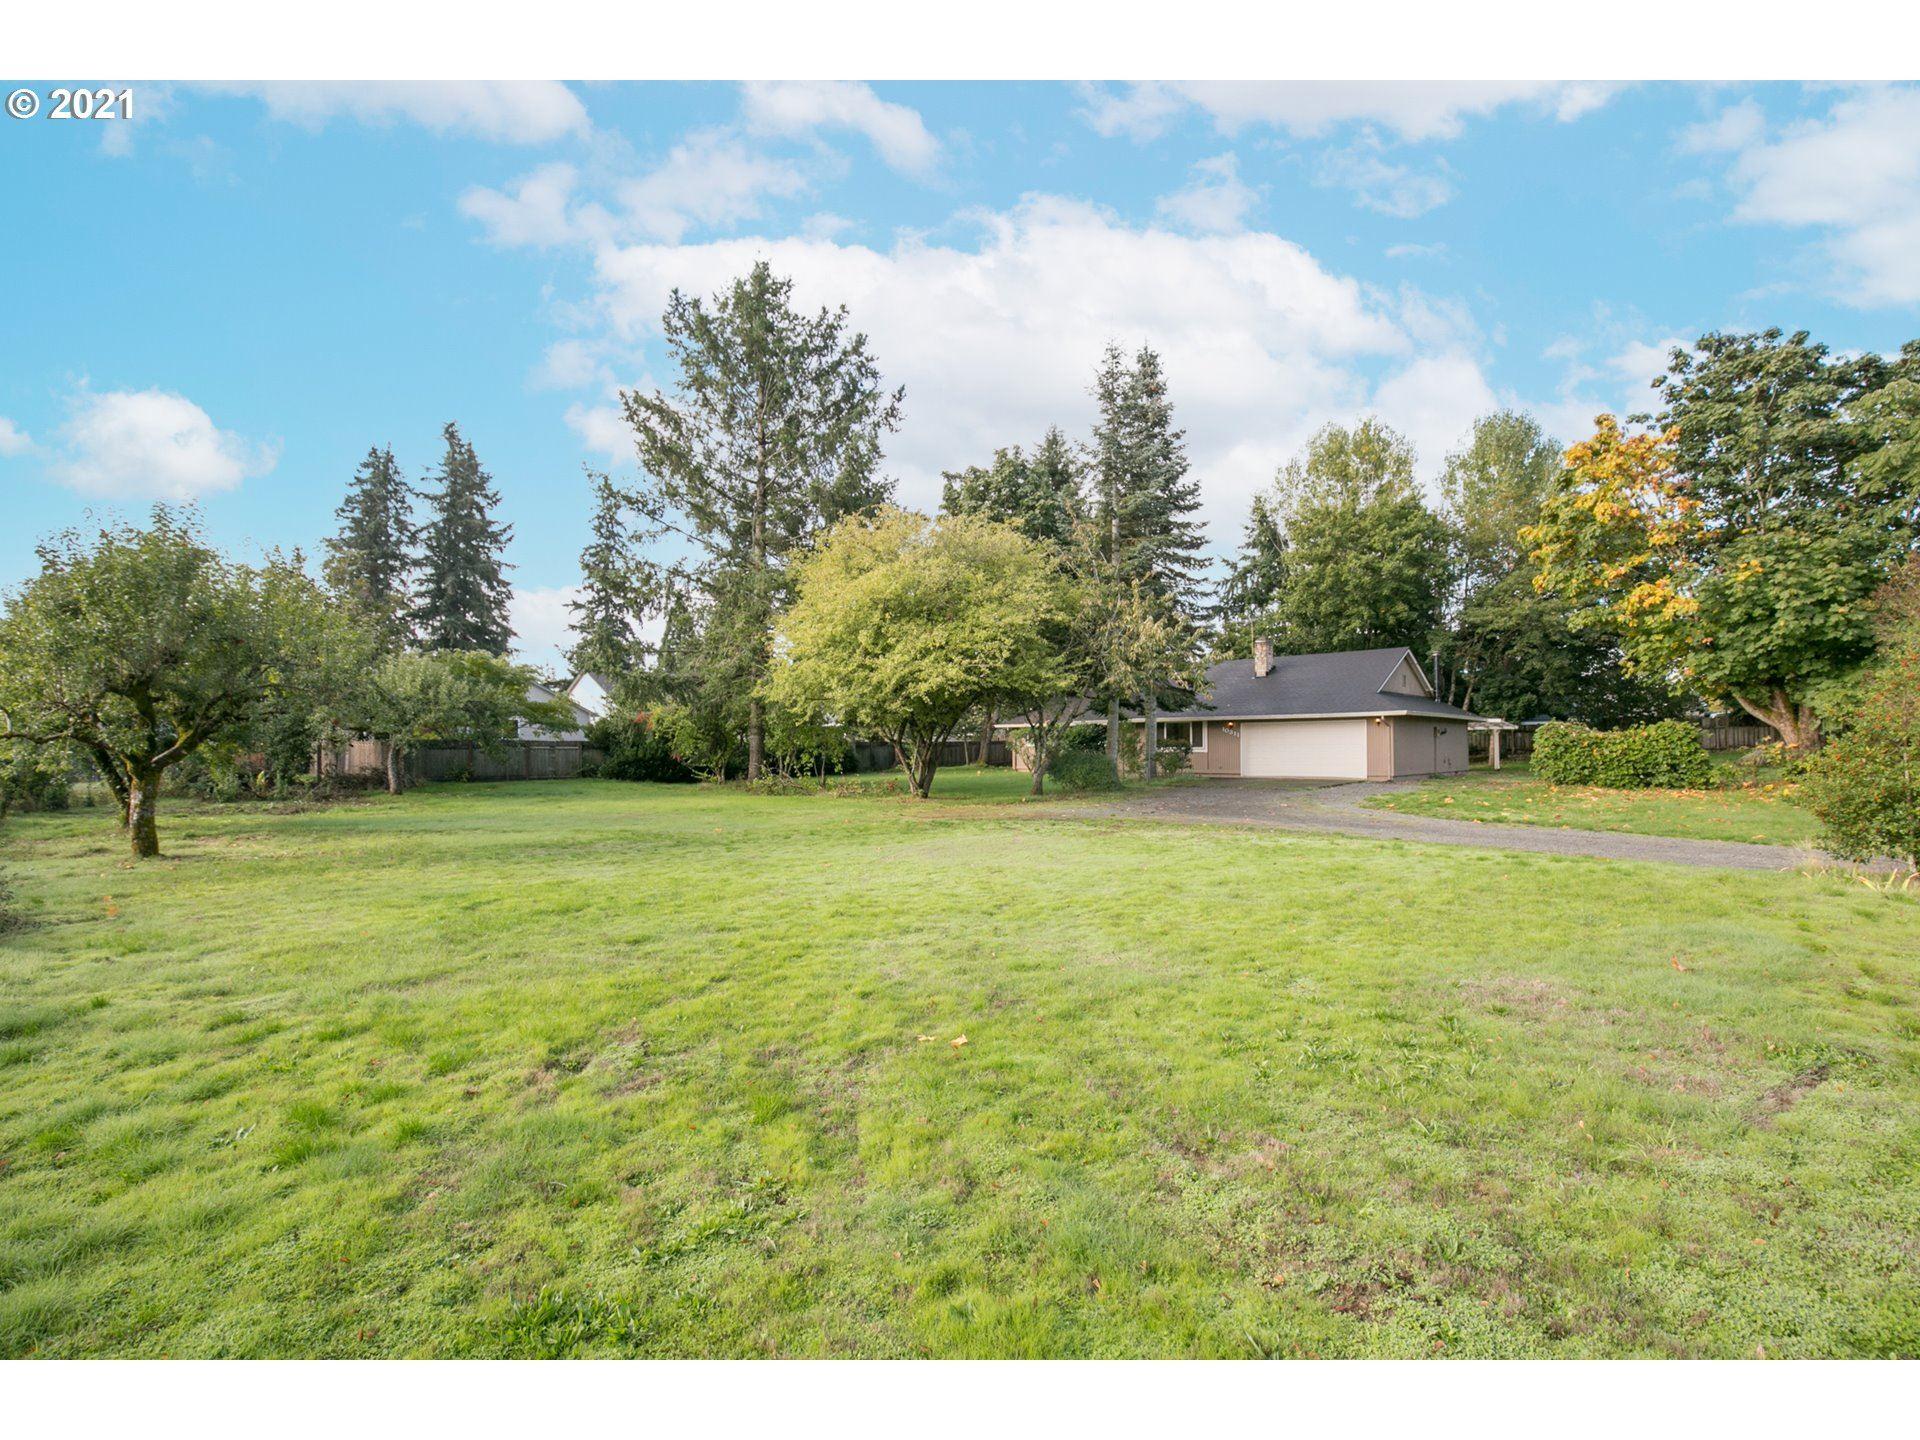 10311 NE 11TH ST, Vancouver, WA 98664 - MLS#: 21565844